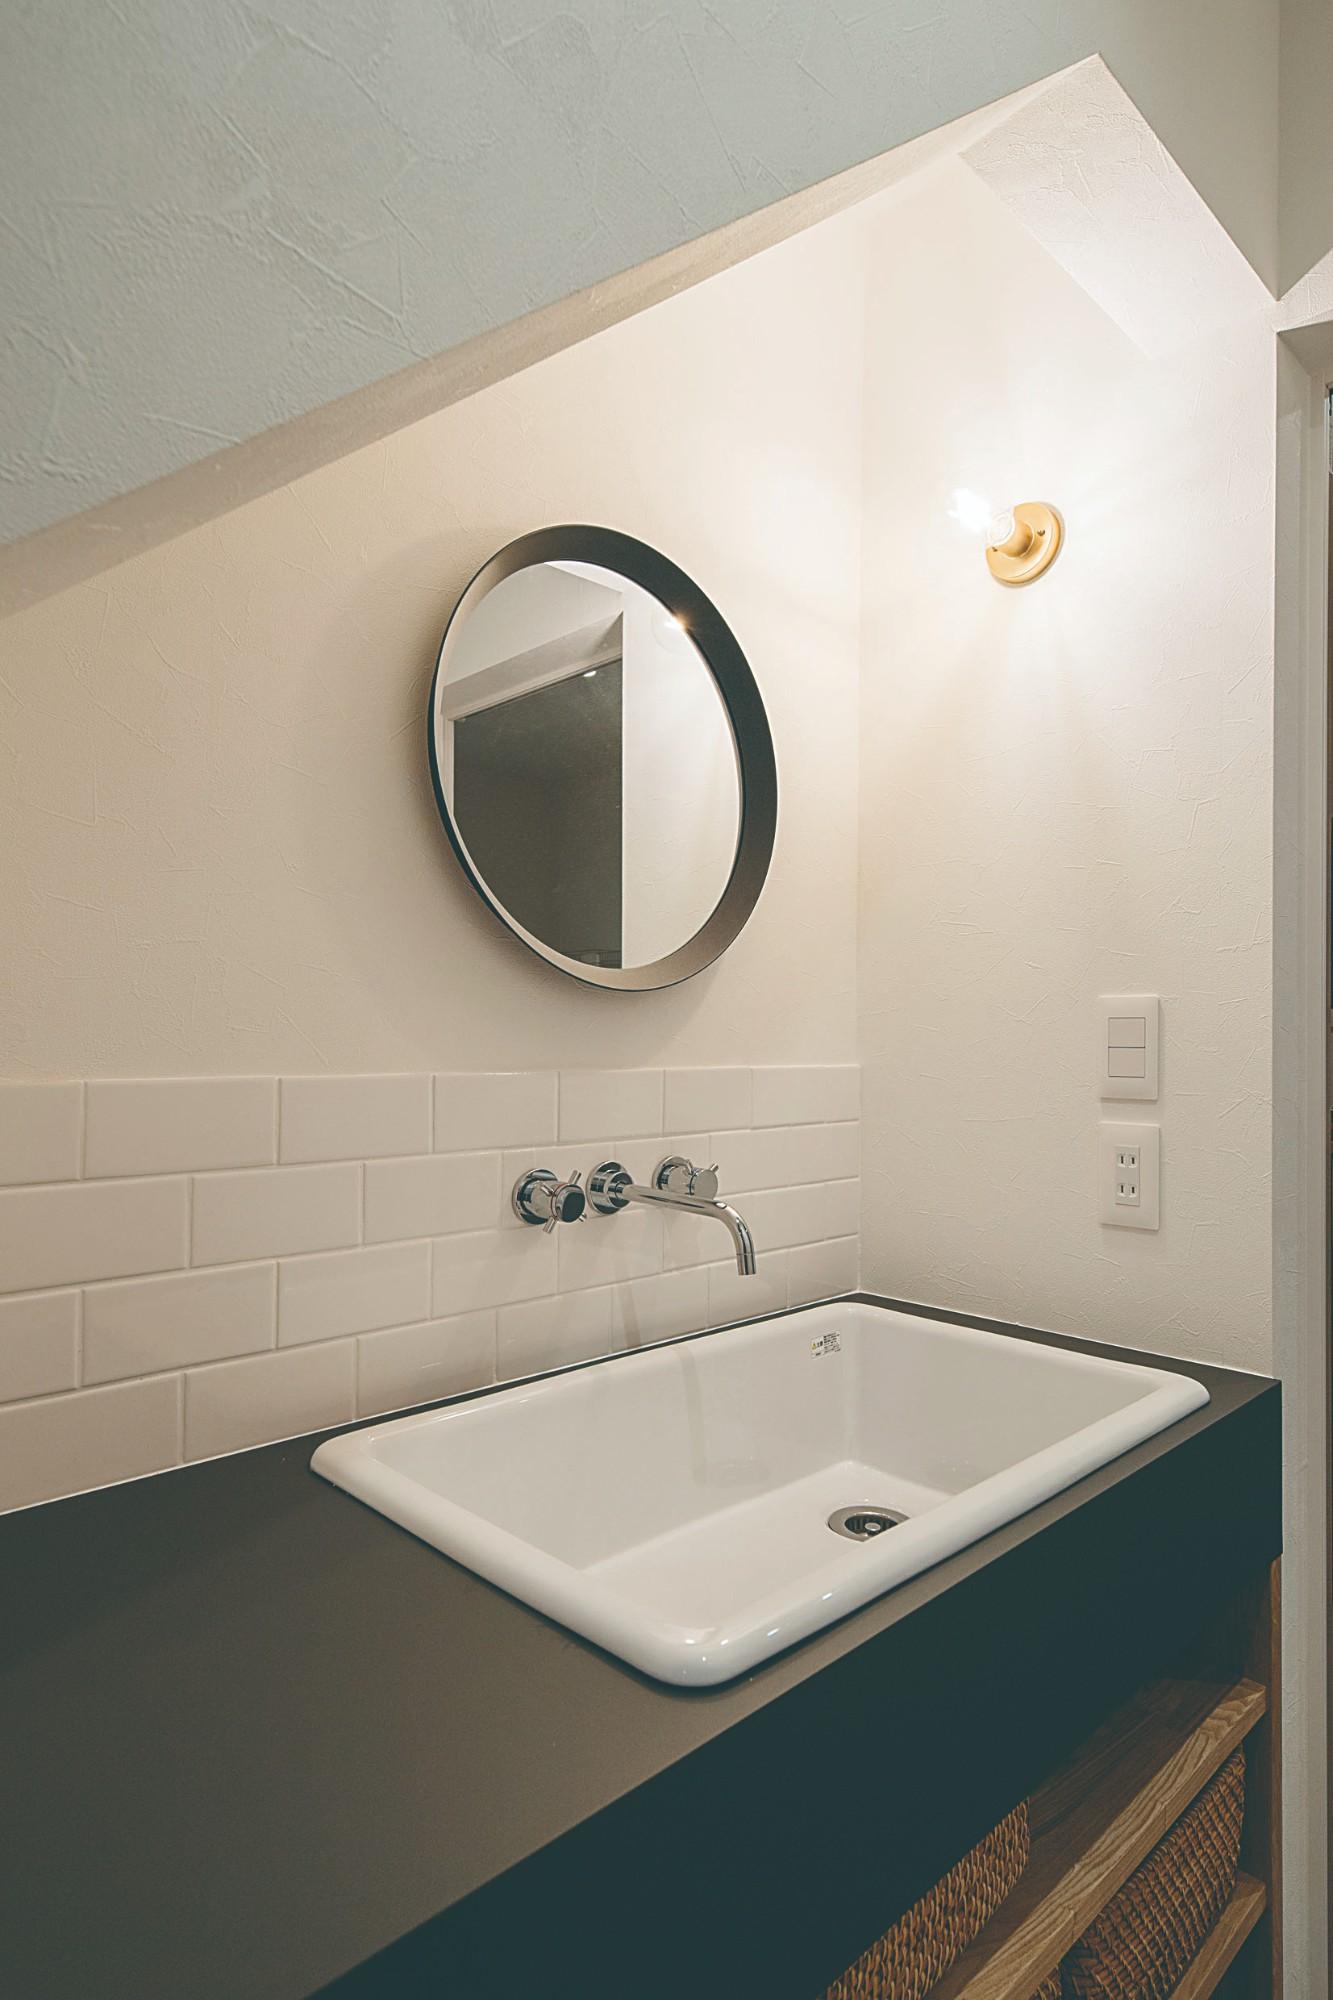 階段下のデッドスペースを活用し、手洗いコーナーを設計。